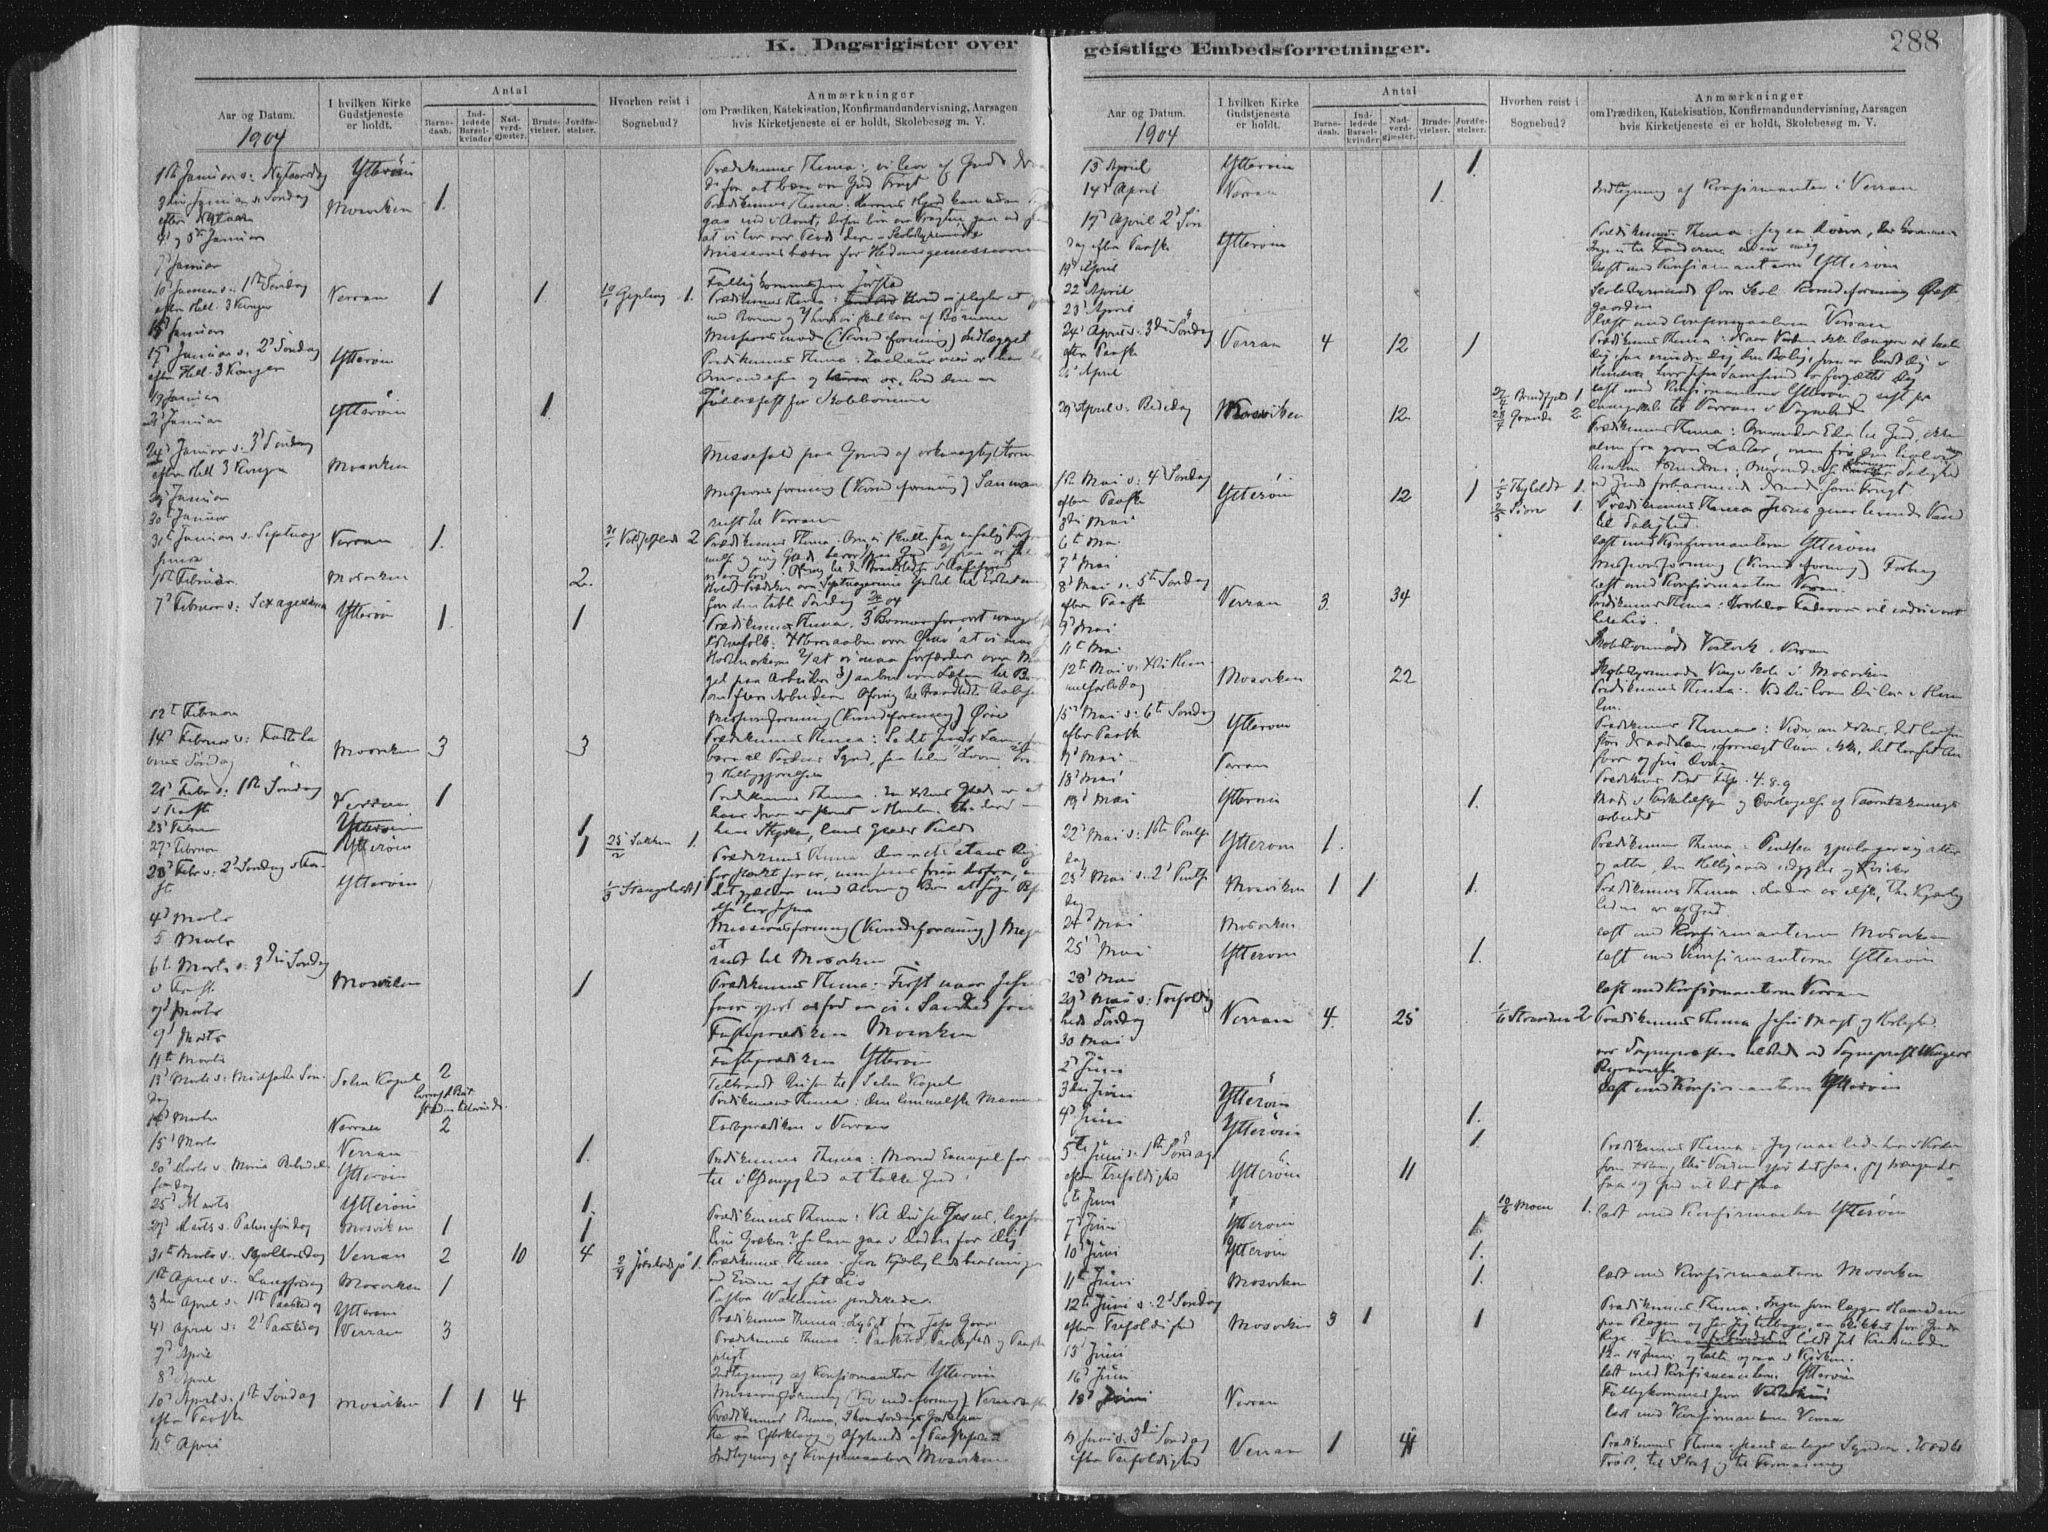 SAT, Ministerialprotokoller, klokkerbøker og fødselsregistre - Nord-Trøndelag, 722/L0220: Ministerialbok nr. 722A07, 1881-1908, s. 288